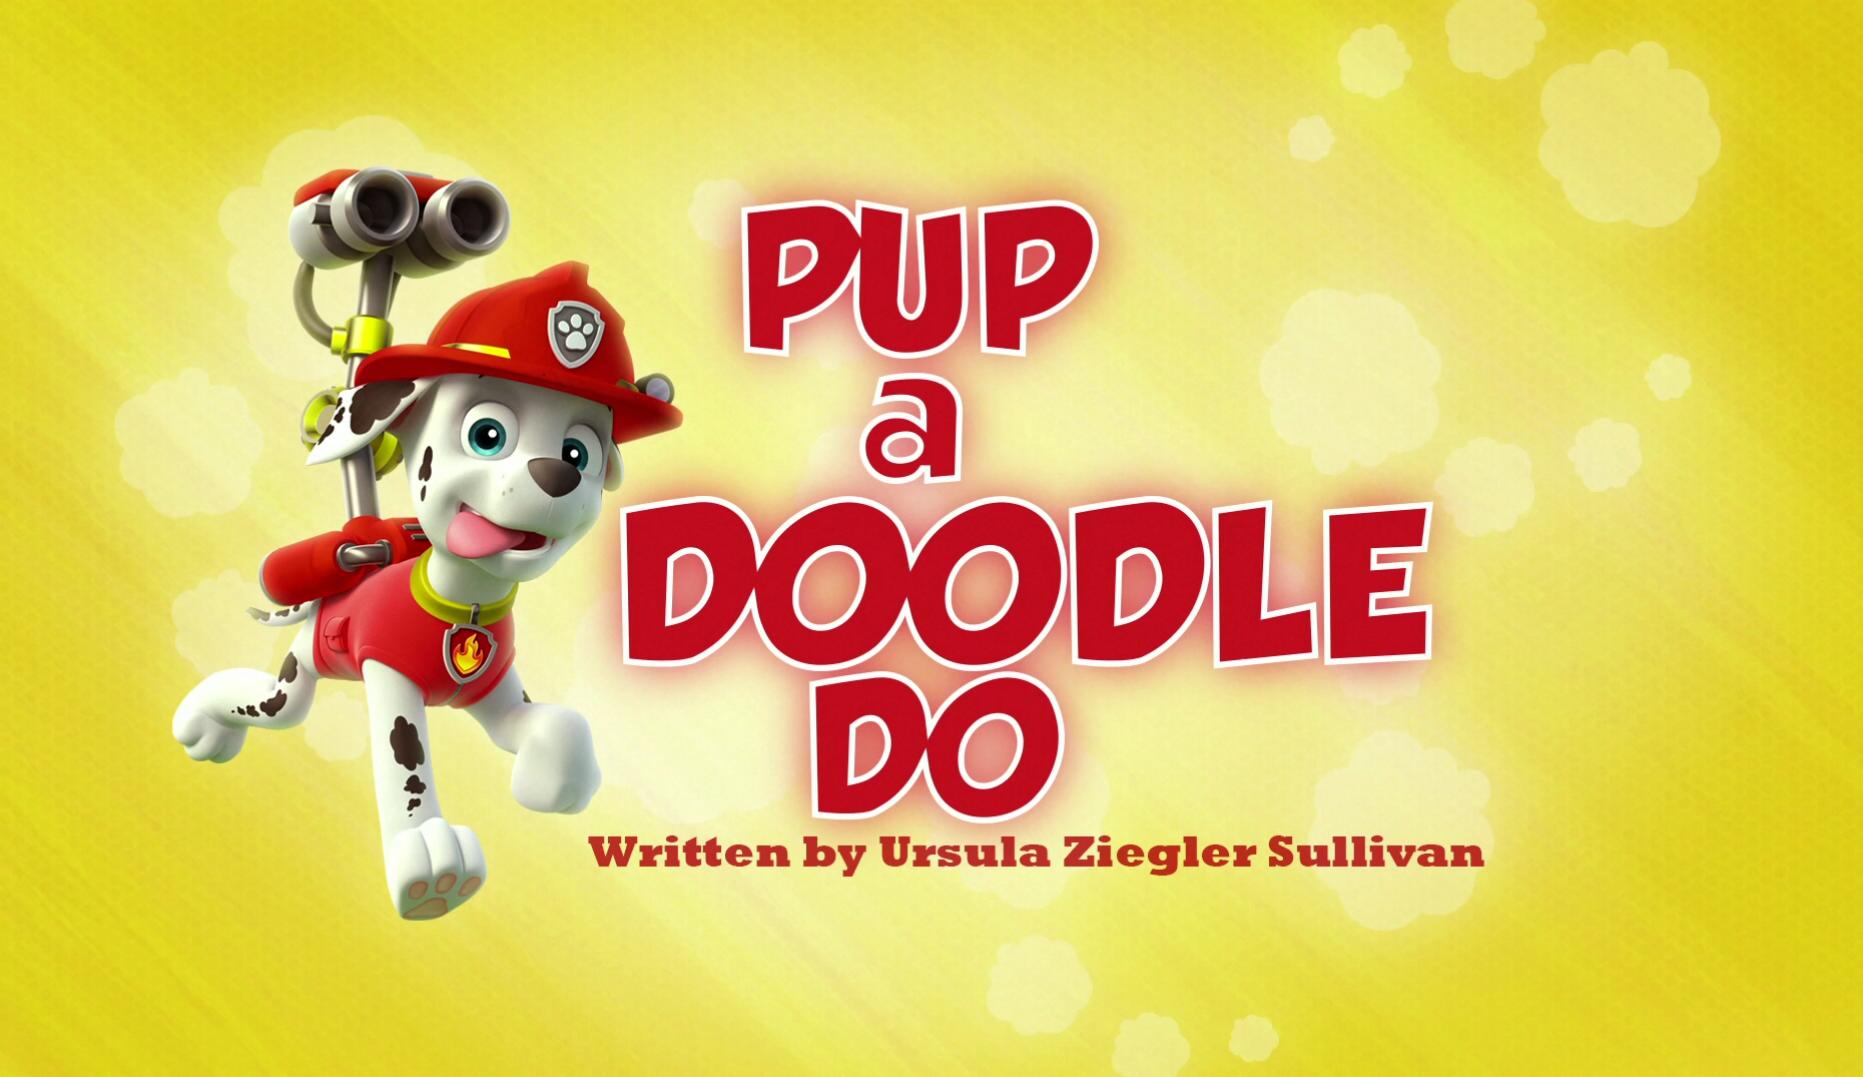 pup a doodle do